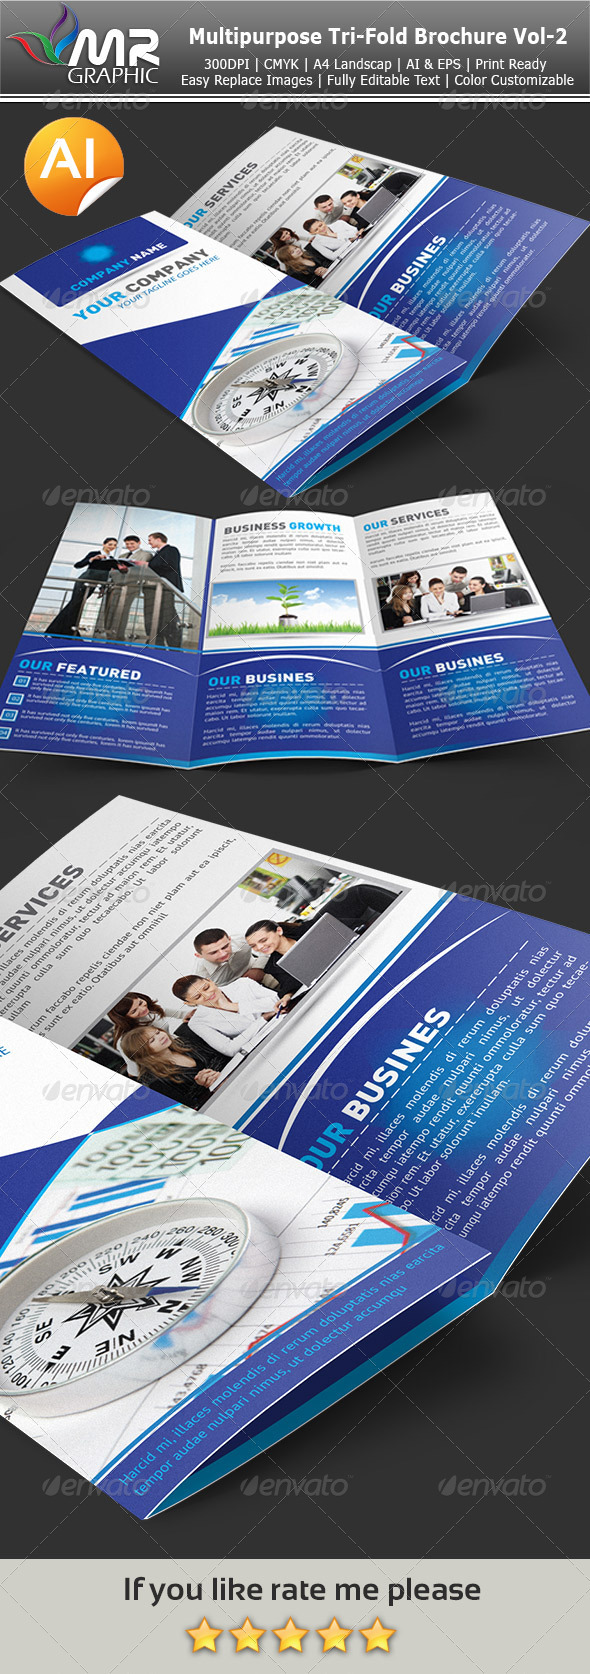 GraphicRiver Multipurpose Tri-Fold Brochure Vol-2 3839423